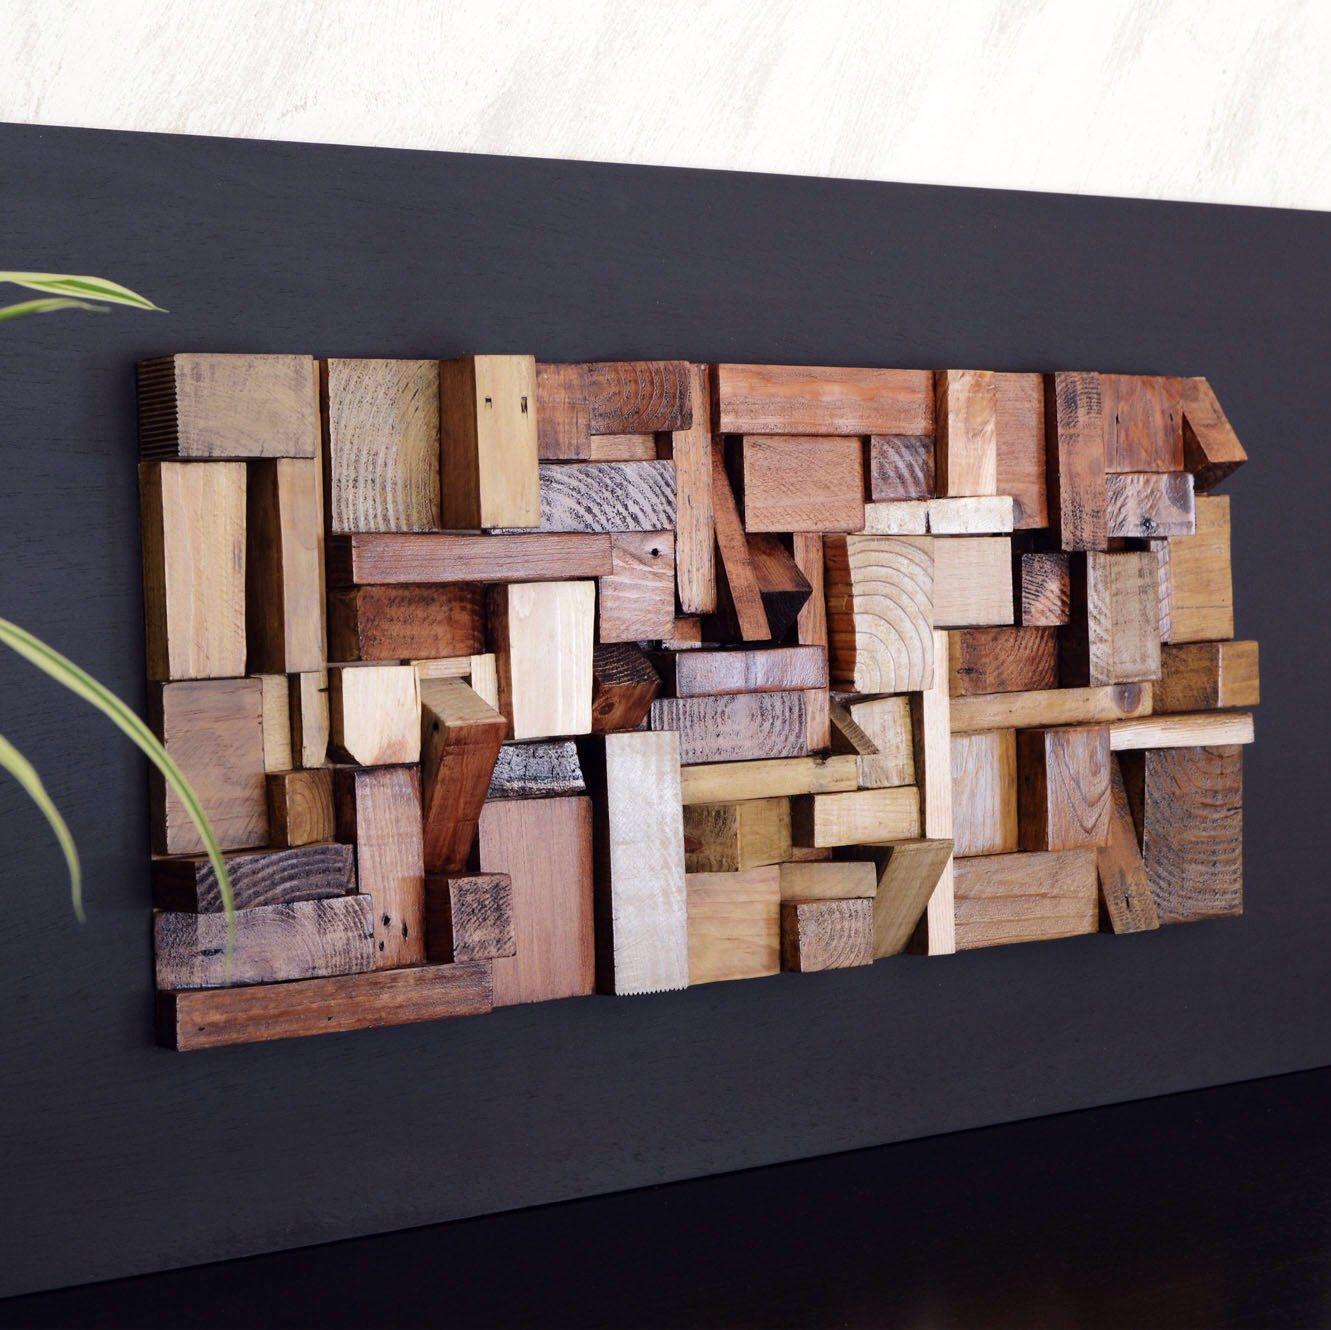 Cuadro de madera reciclada decoraci n dormitorio - Mosaico de madera ...